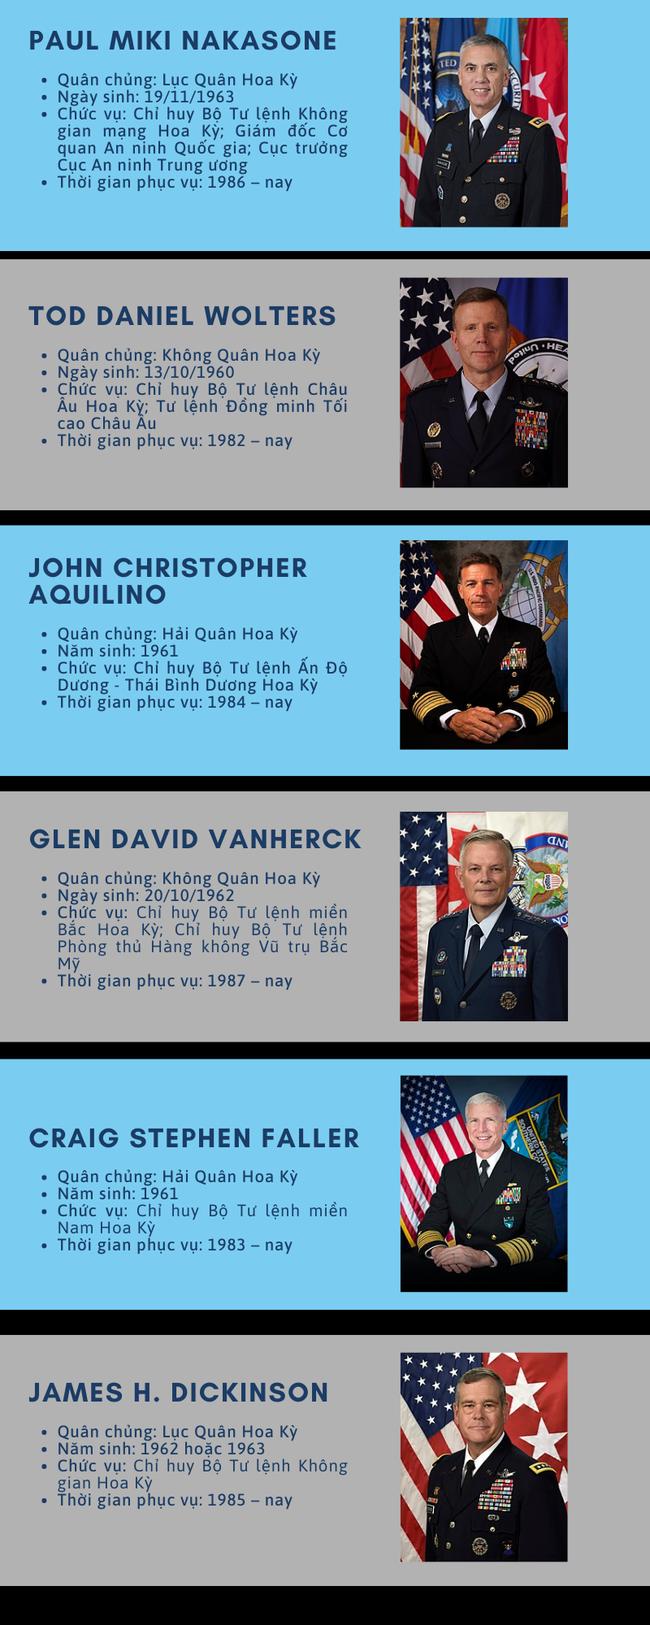 43 vị tướng 4 sao của Mỹ hiện nay là ai? - Ảnh 2.